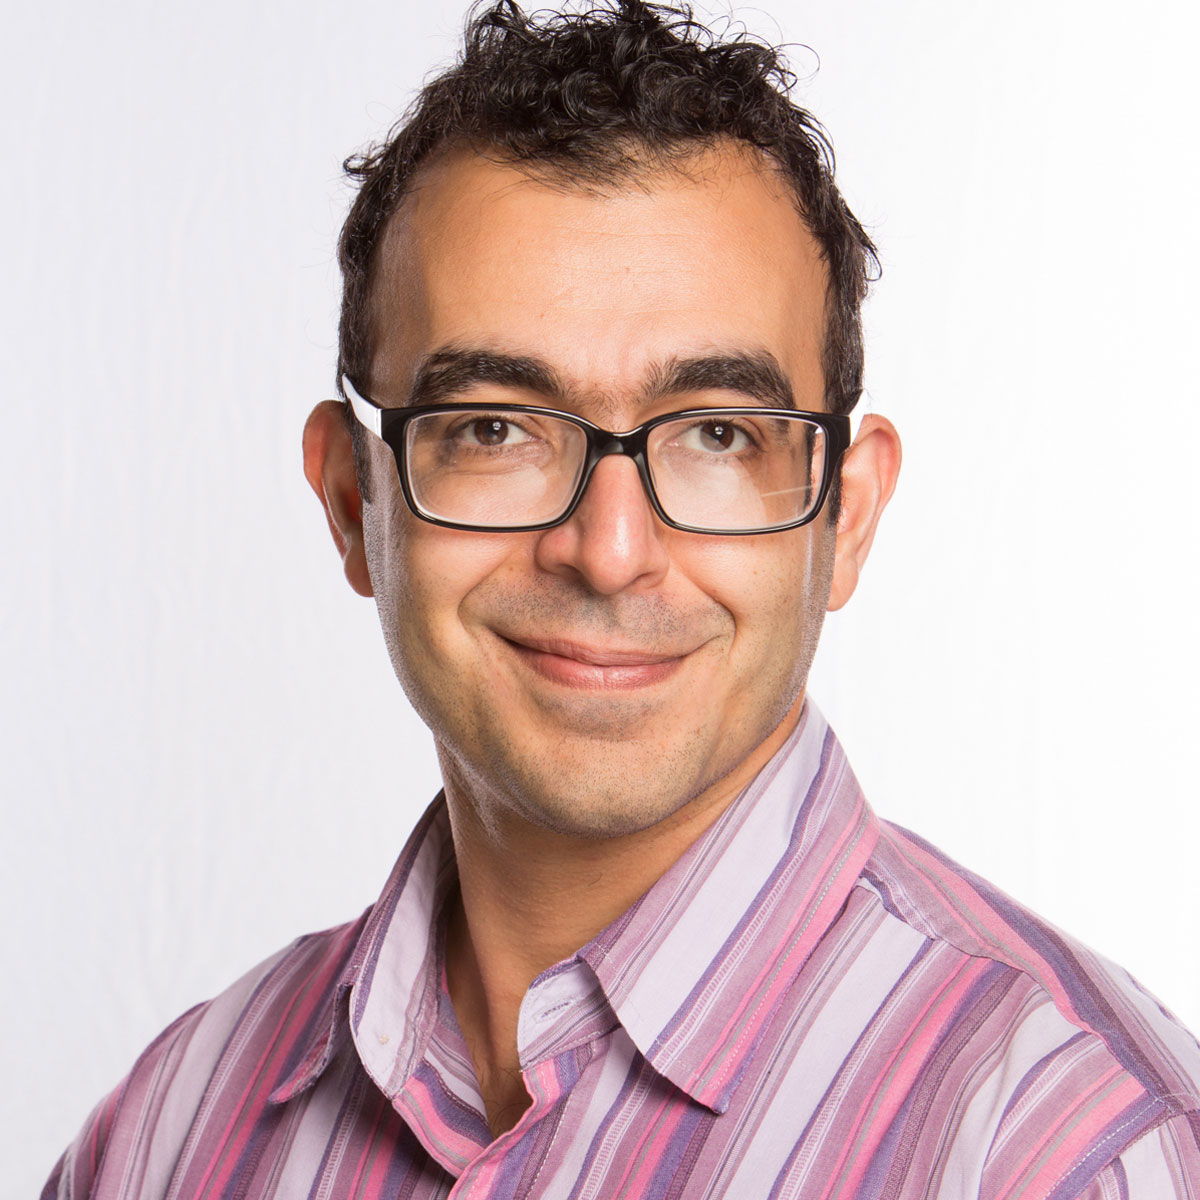 Amir Salehipour